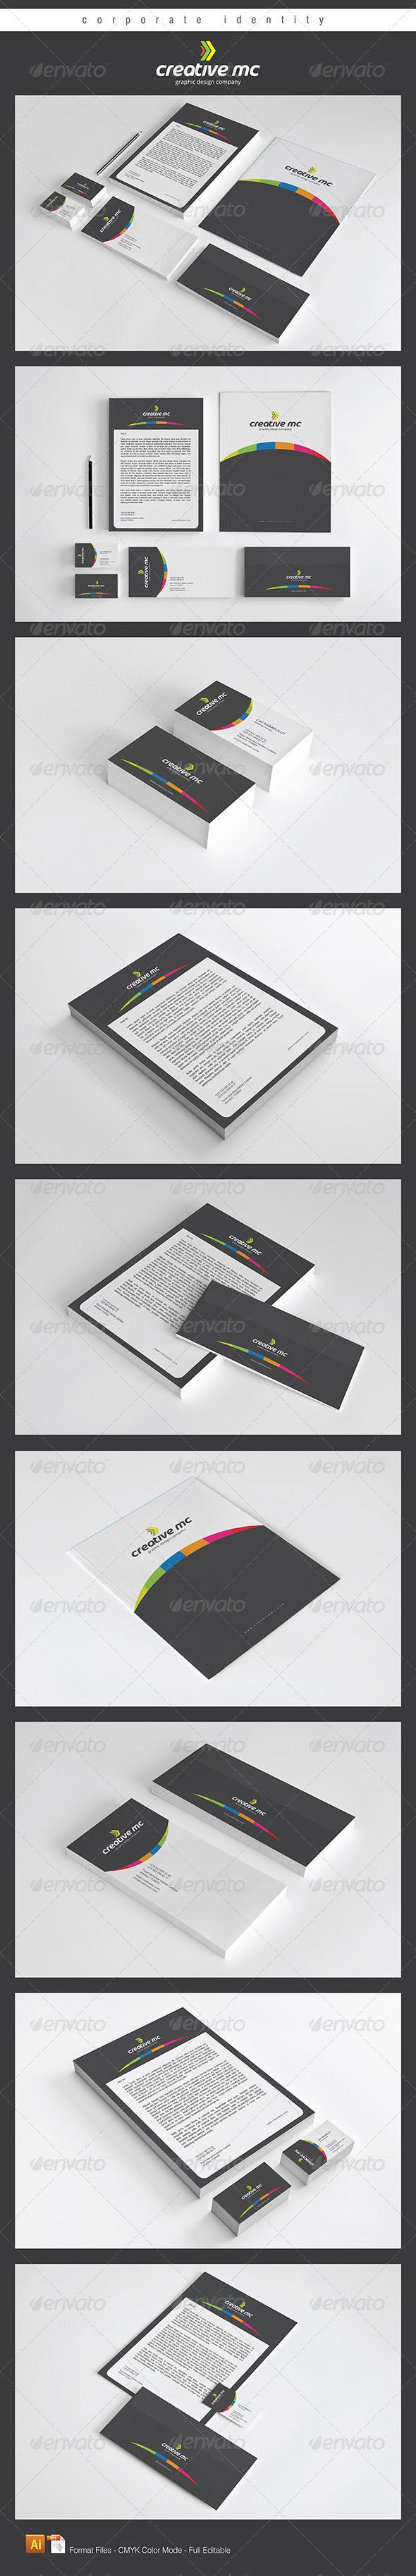 GraphicRiver creative mc corporate identitly 4713452